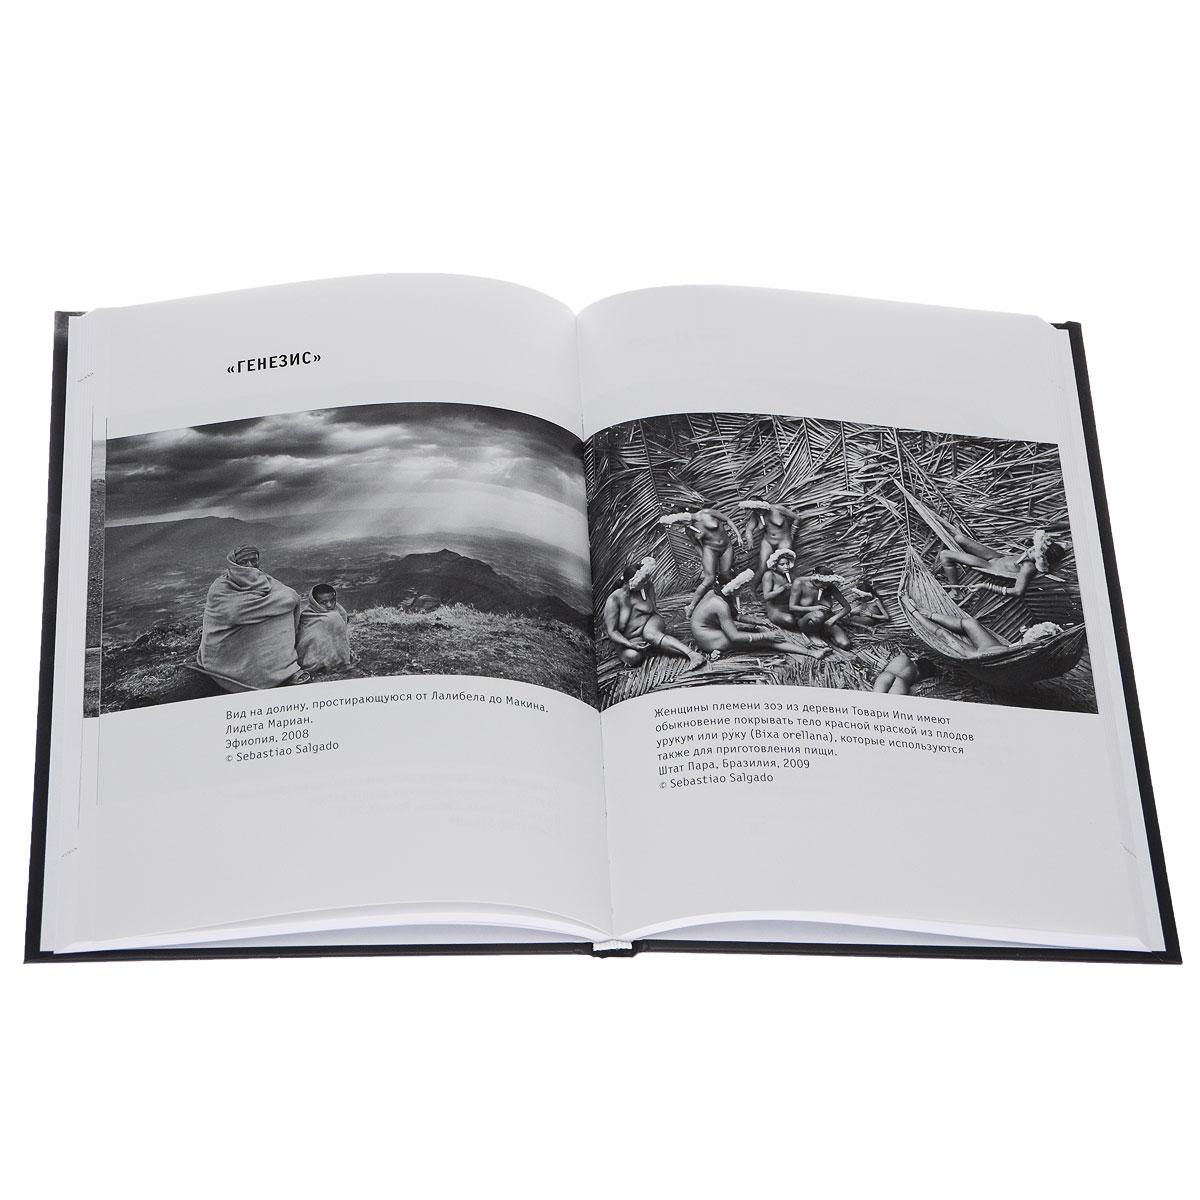 Себастьян Сальгадо, Изабель Франк. Соль земли. Автобиография одного из величайших фотографов современности